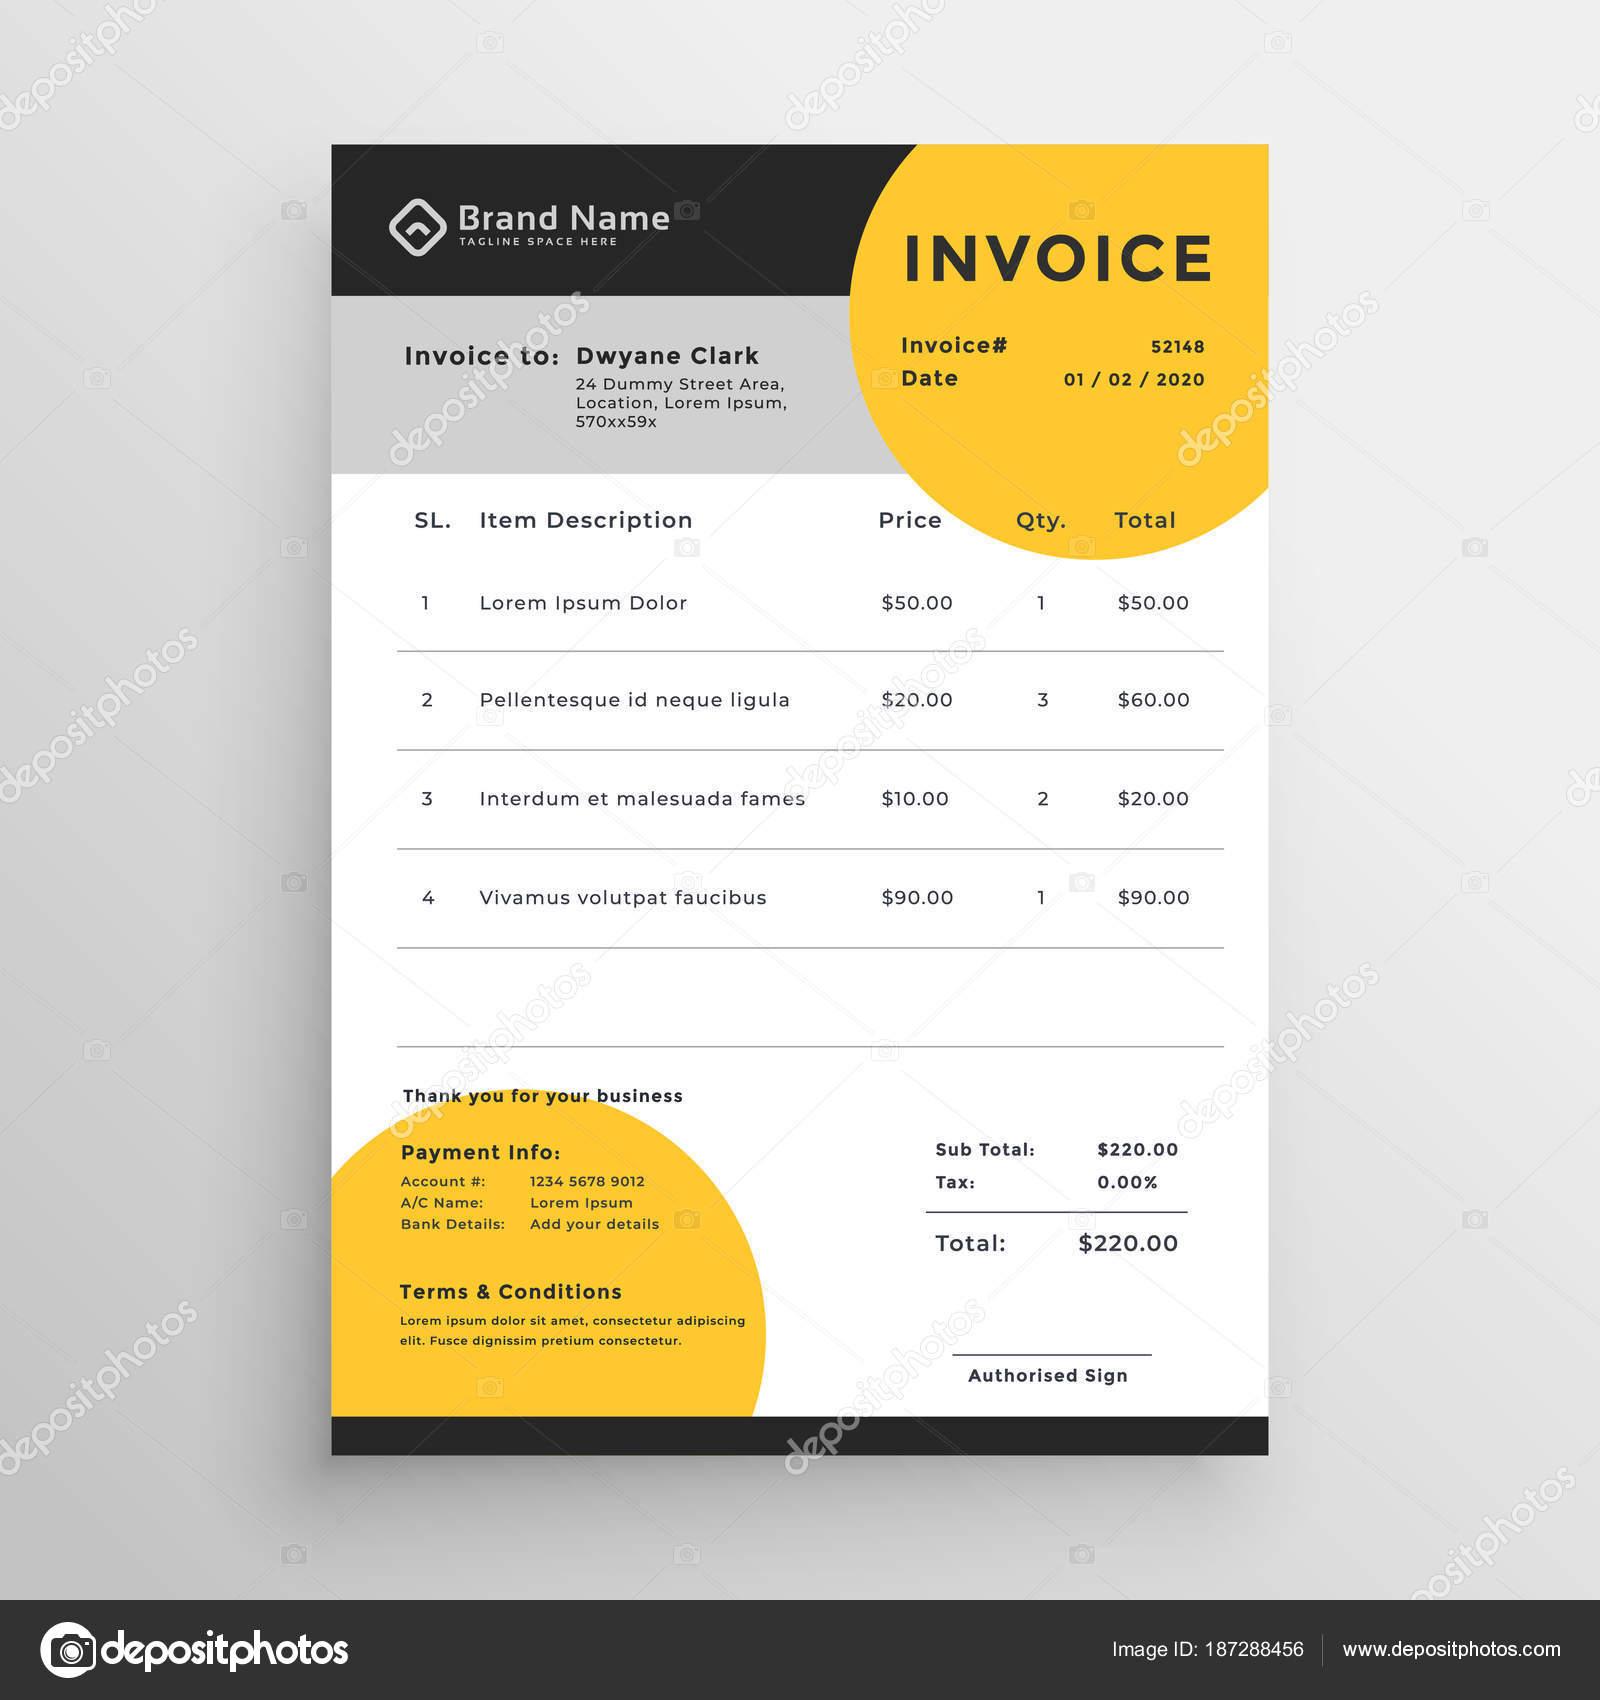 Professionelle Kreative Vektor Rechnung Vorlage Design Stockvektor